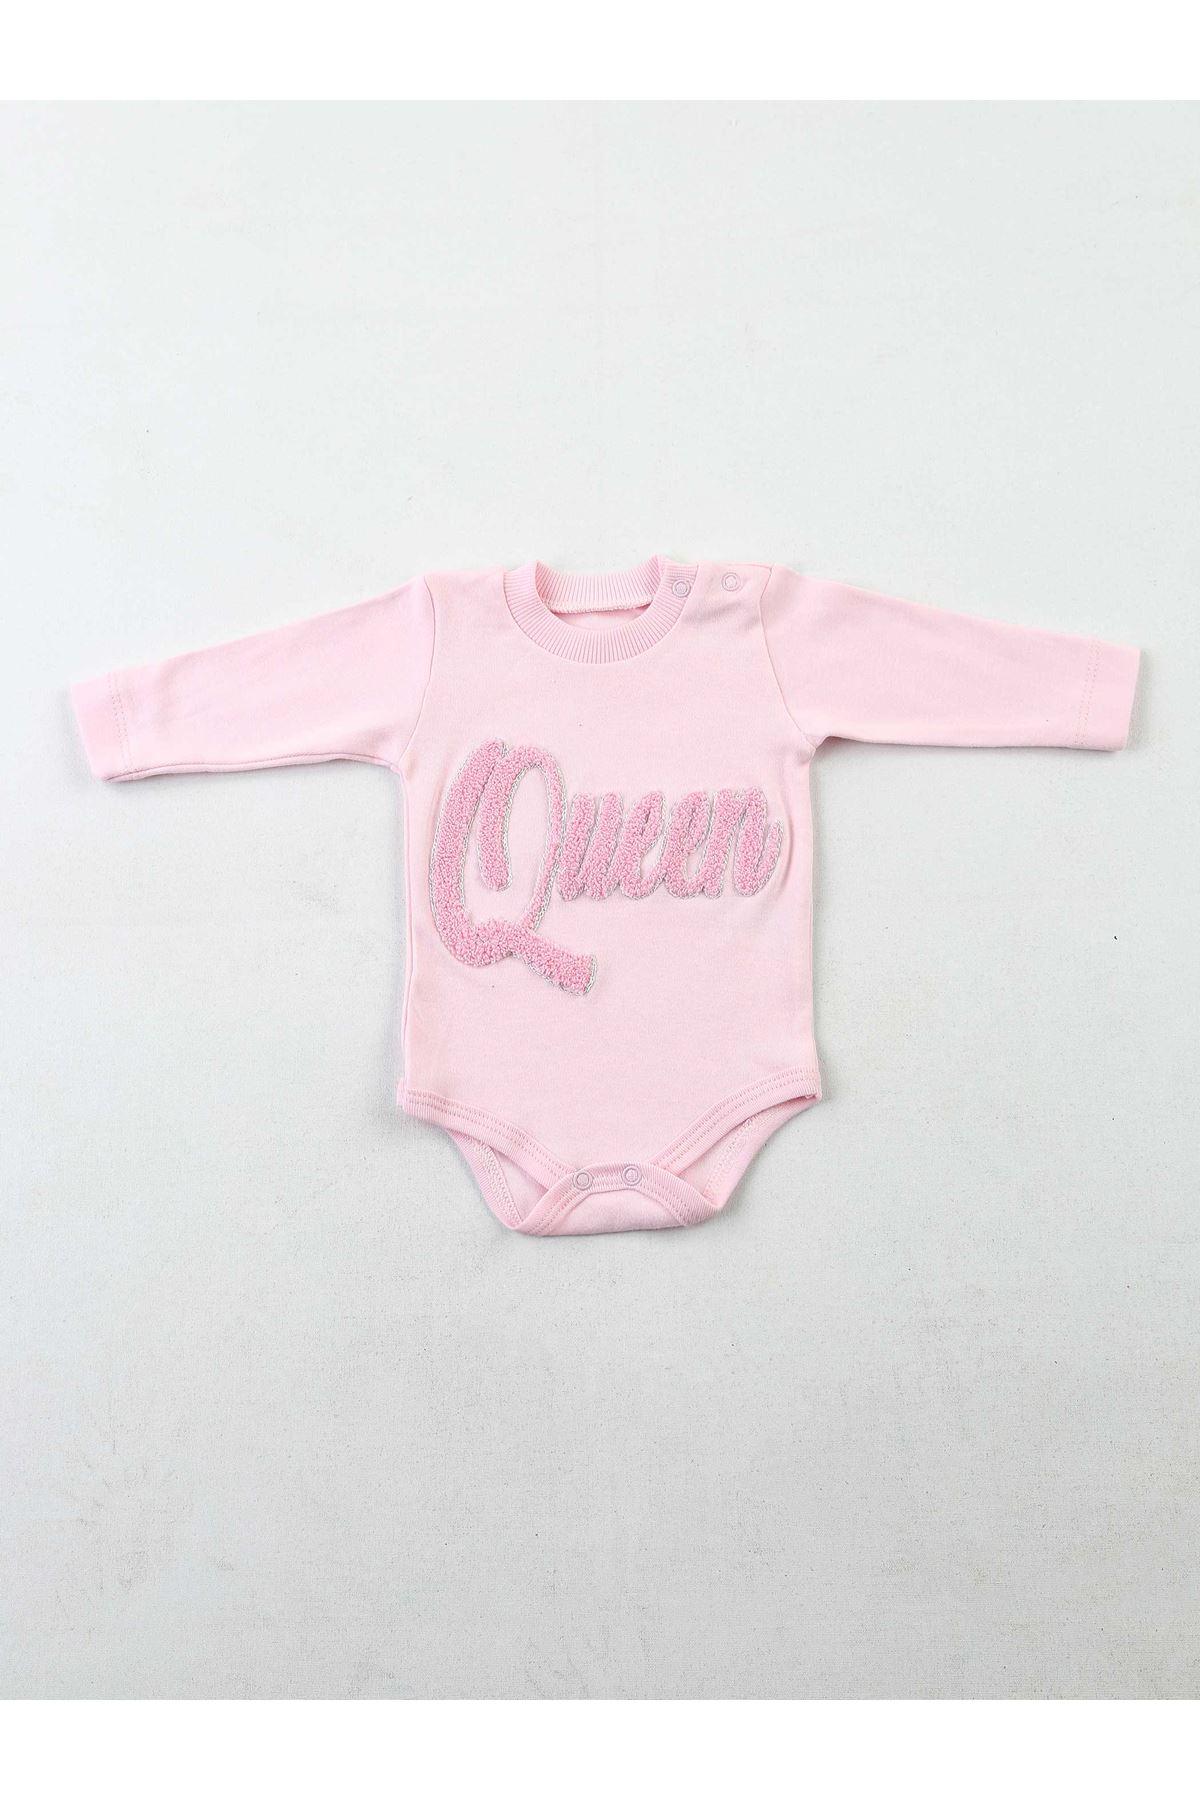 Pembe Bebek Mevsimlik Kız Bebek 3 lü Takım